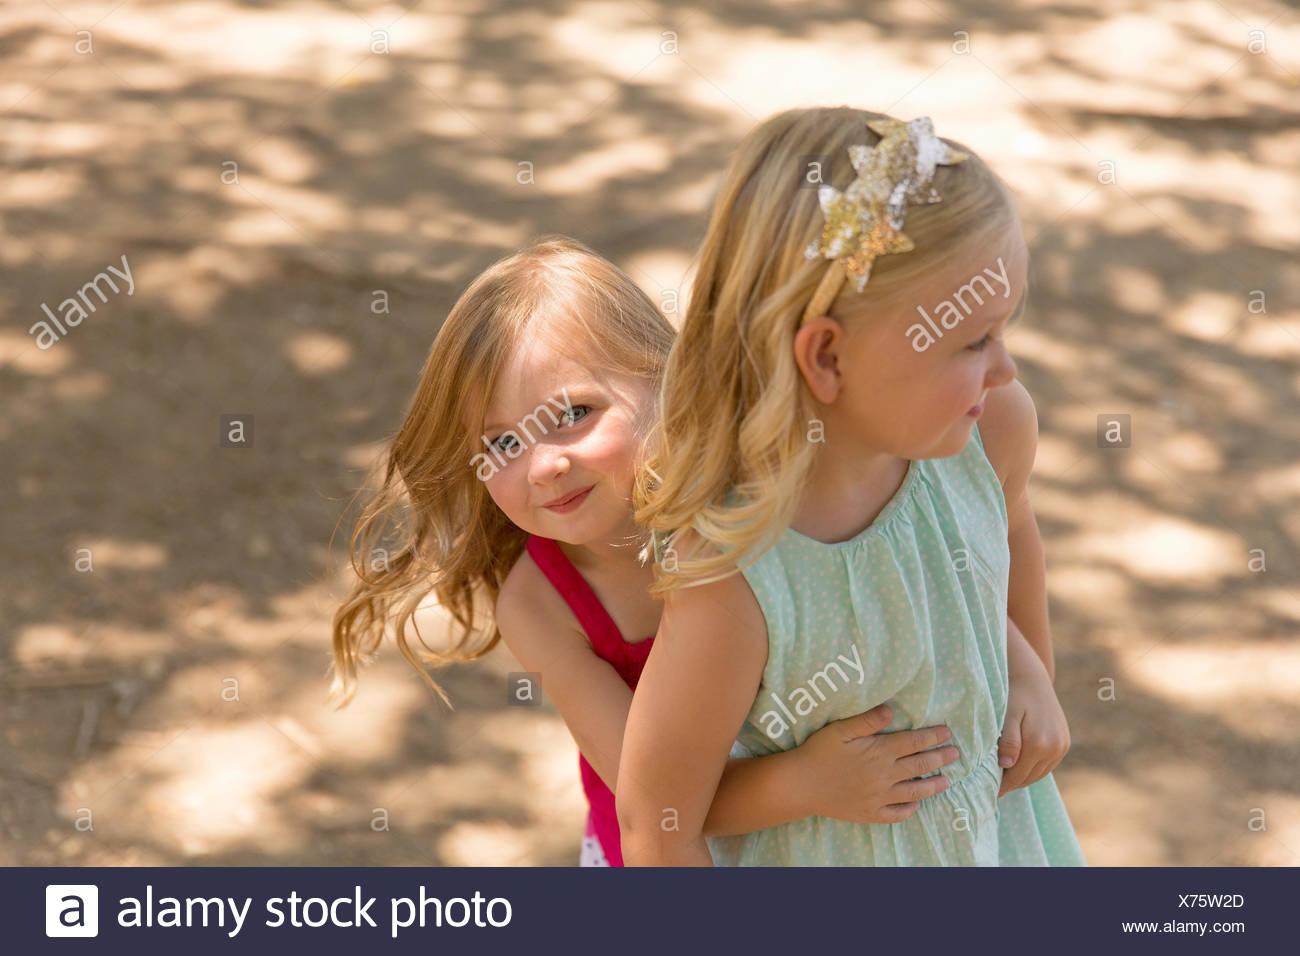 Ragazza giovane di nascondersi dietro la sorella in posizione di parcheggio Immagini Stock